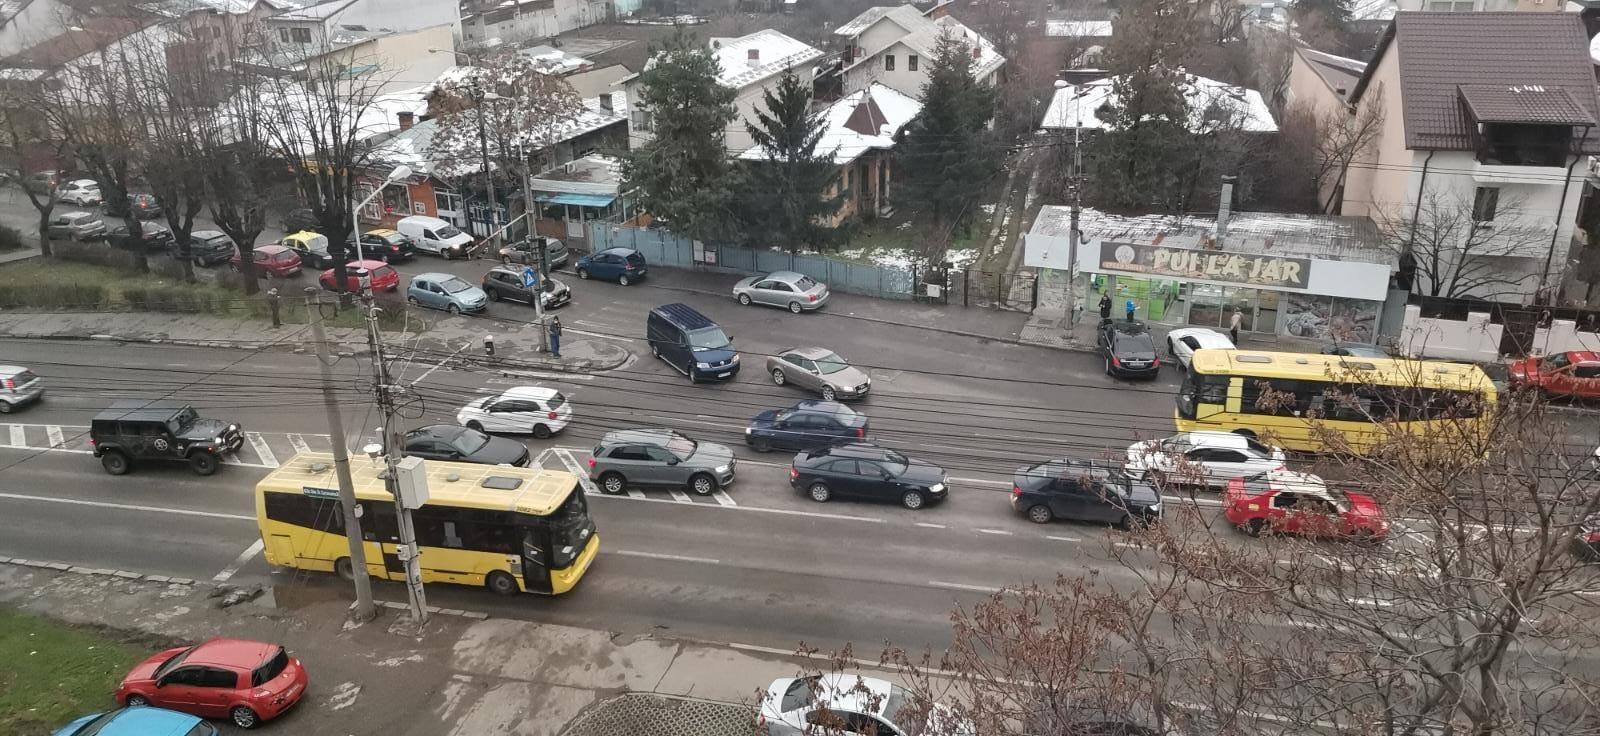 """VIDEO: Intersecția din Ploiești unde funcționează """"legea junglei"""". """"N-am văzut niciodată un polițist în zonă să-i sancționeze pe tupeiști!"""""""